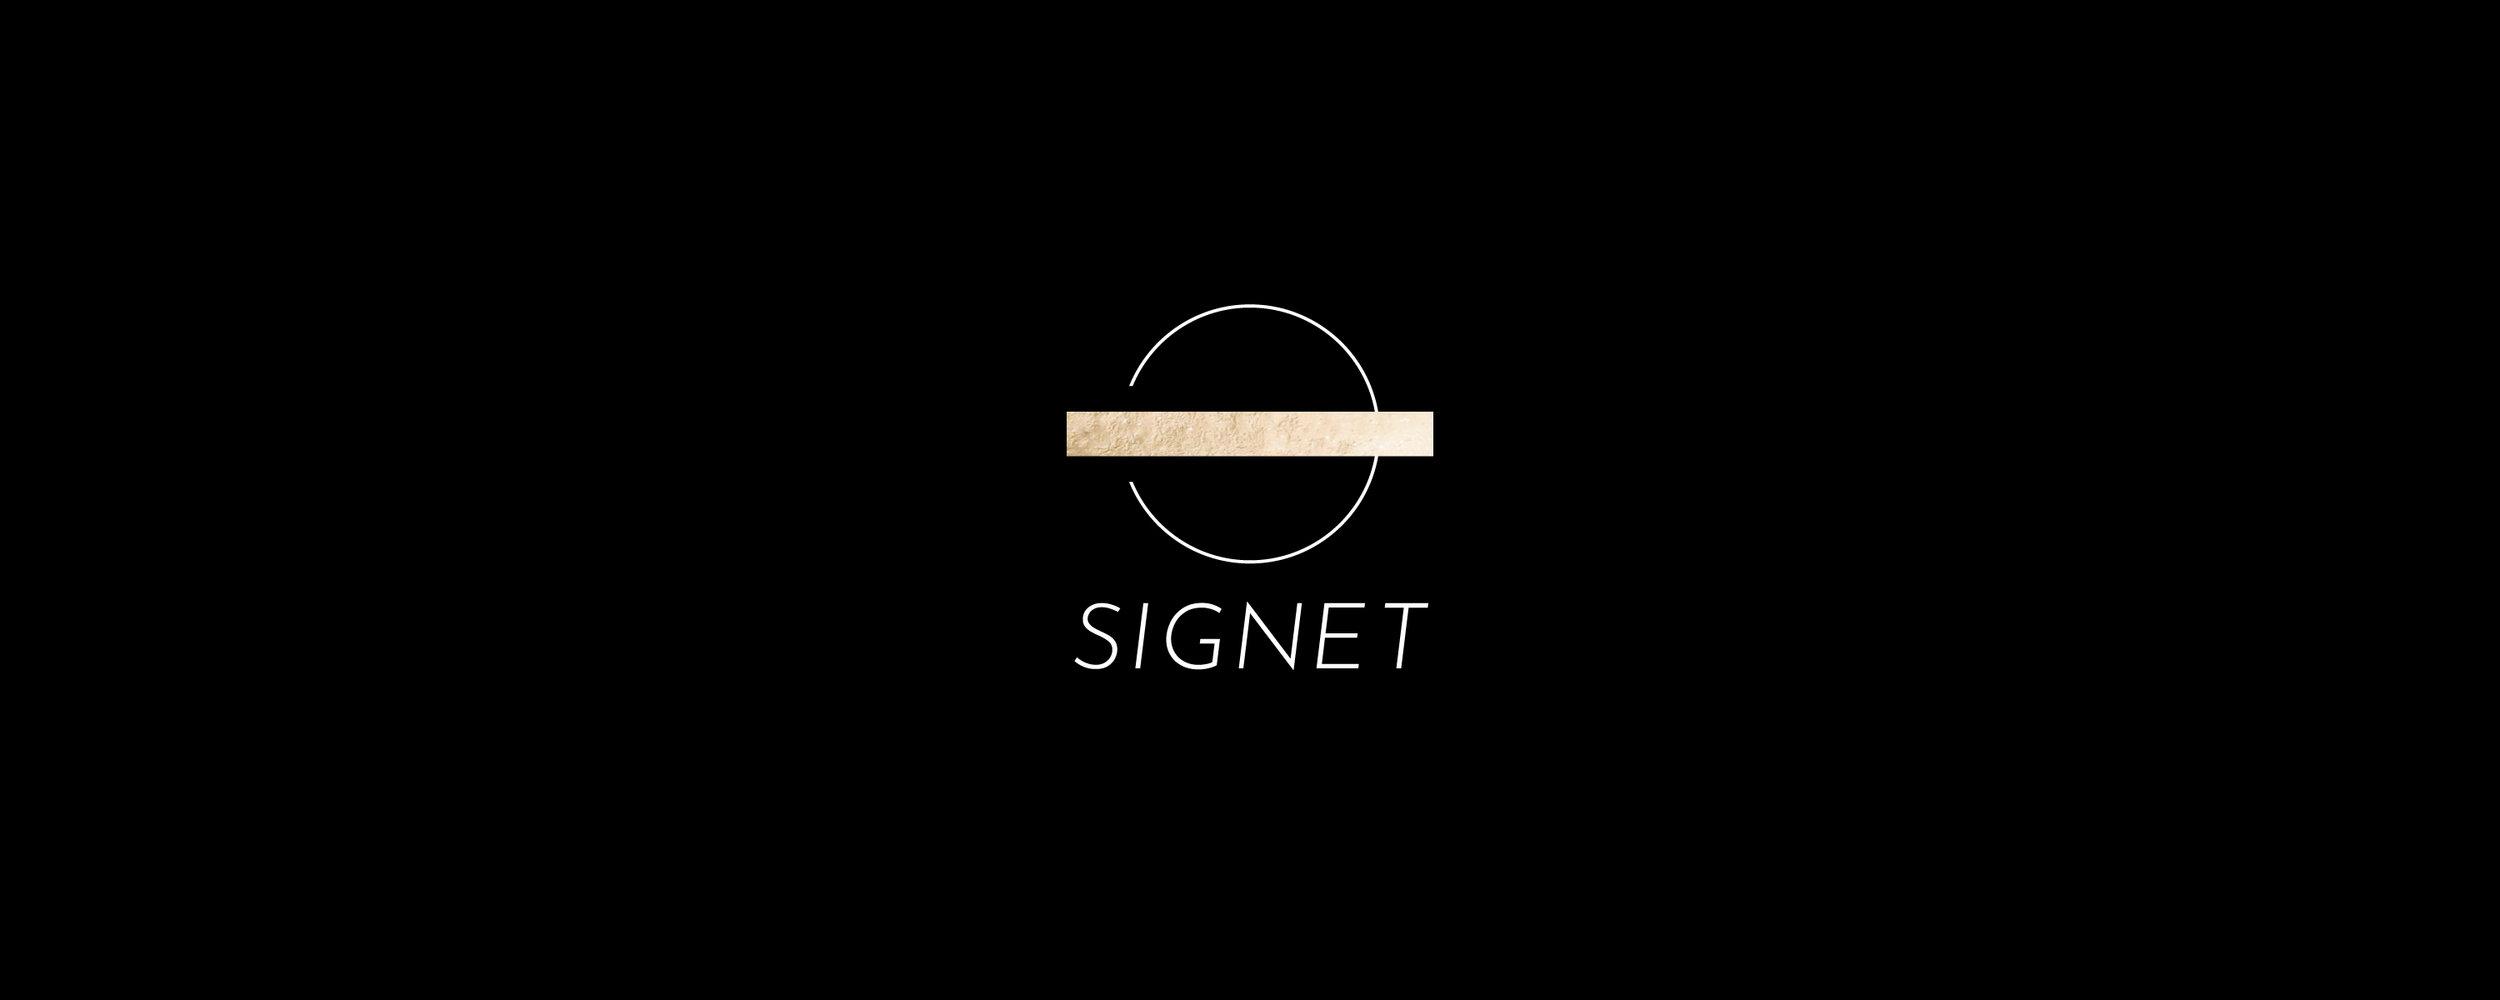 signet_featuredimage.jpg